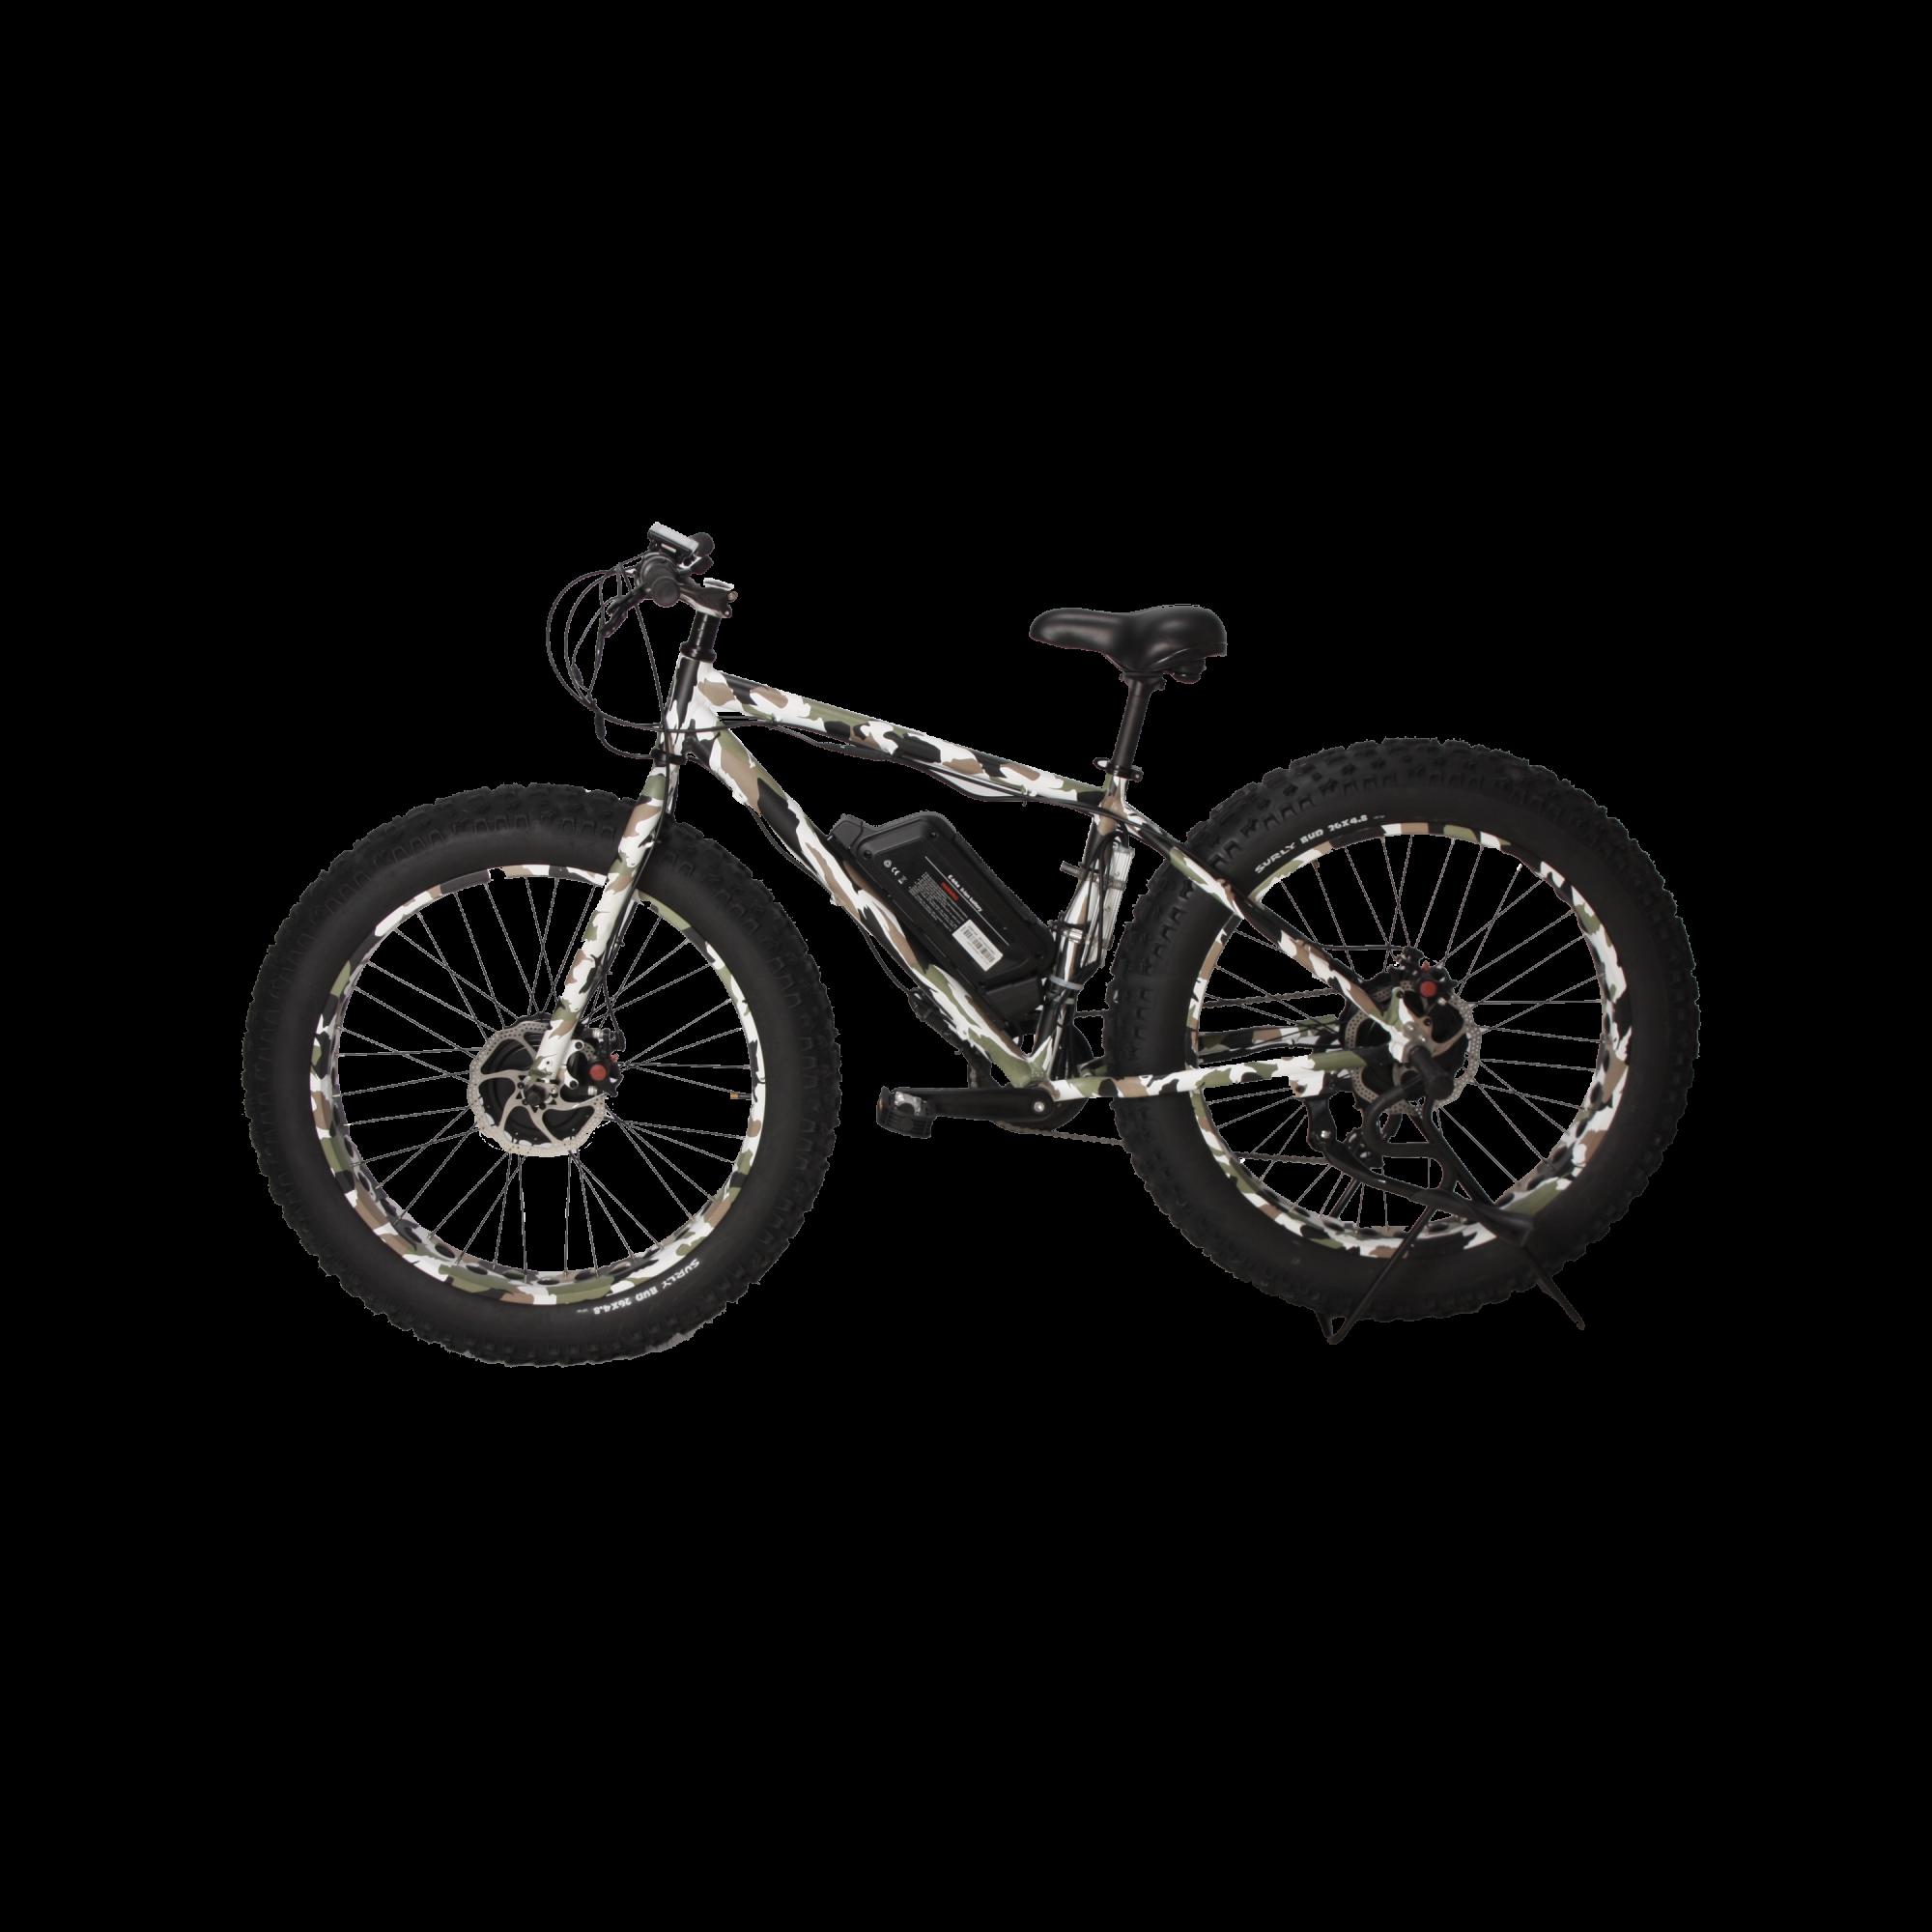 ba92cbbf124 E-Cherokee 1250W Front-Wheel Drive Fat Tire E-Bike